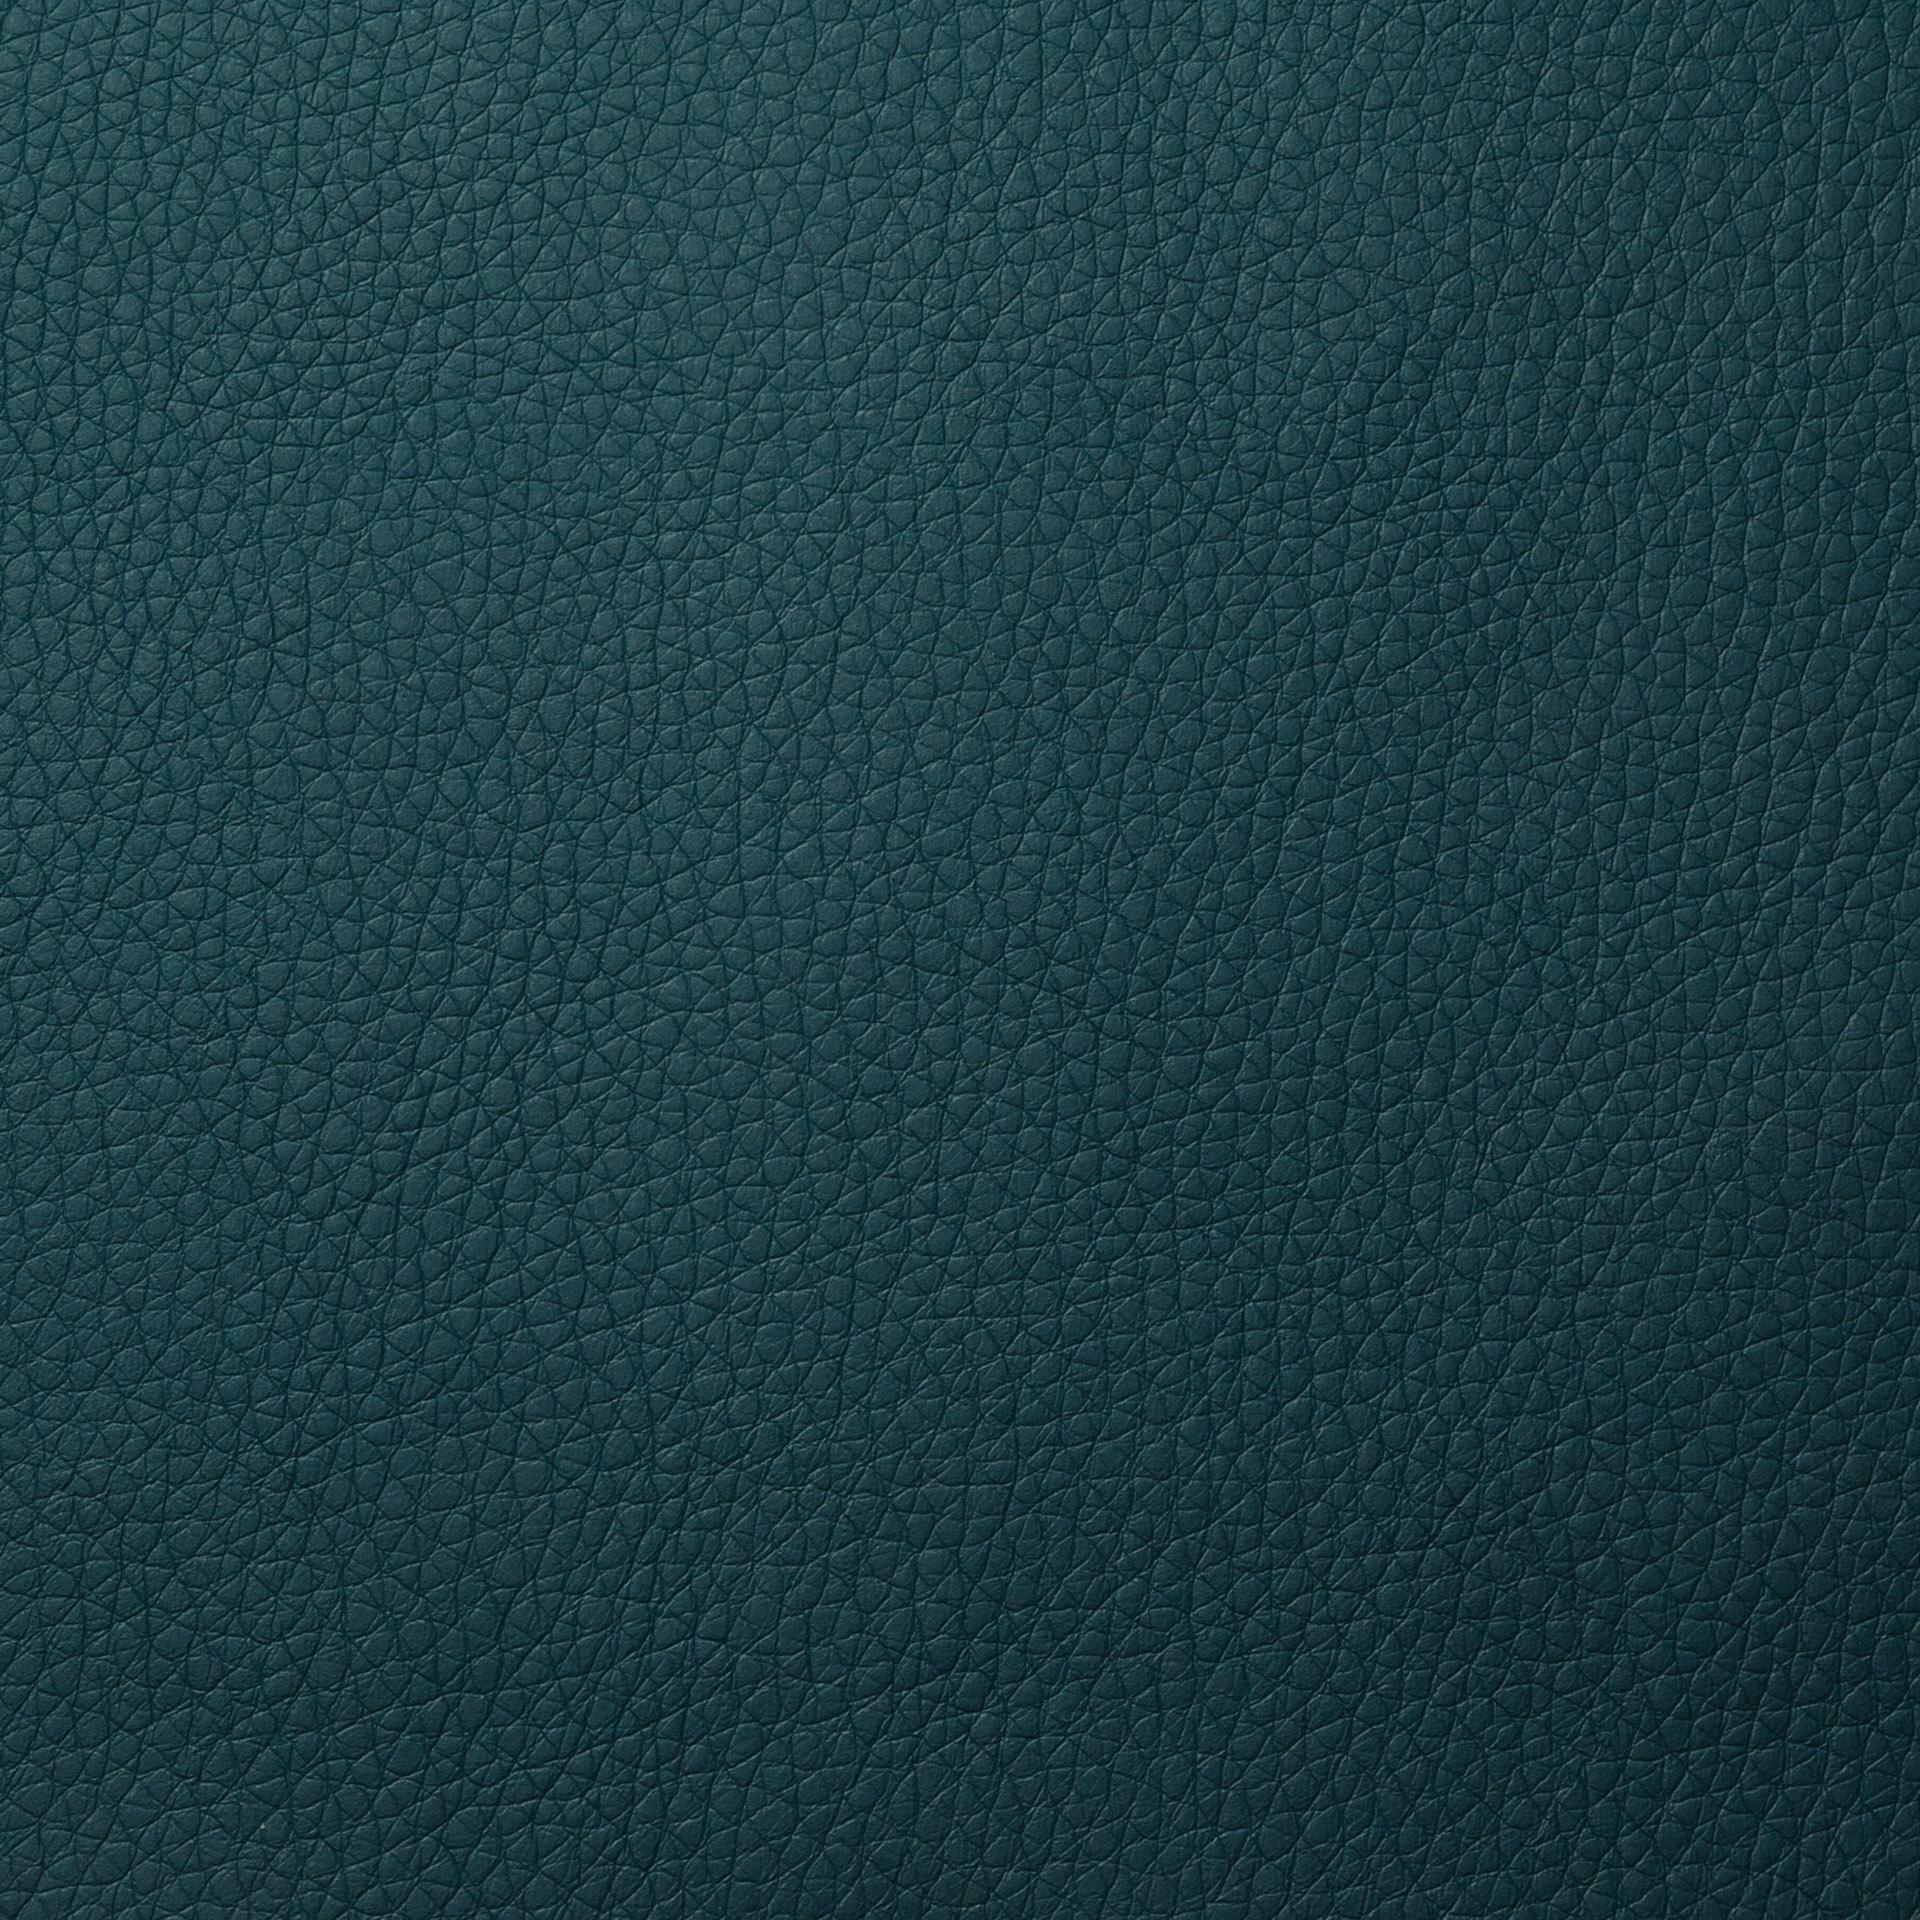 Коллекция ткани Флай 2215,  купить ткань Кож зам для мебели Украина